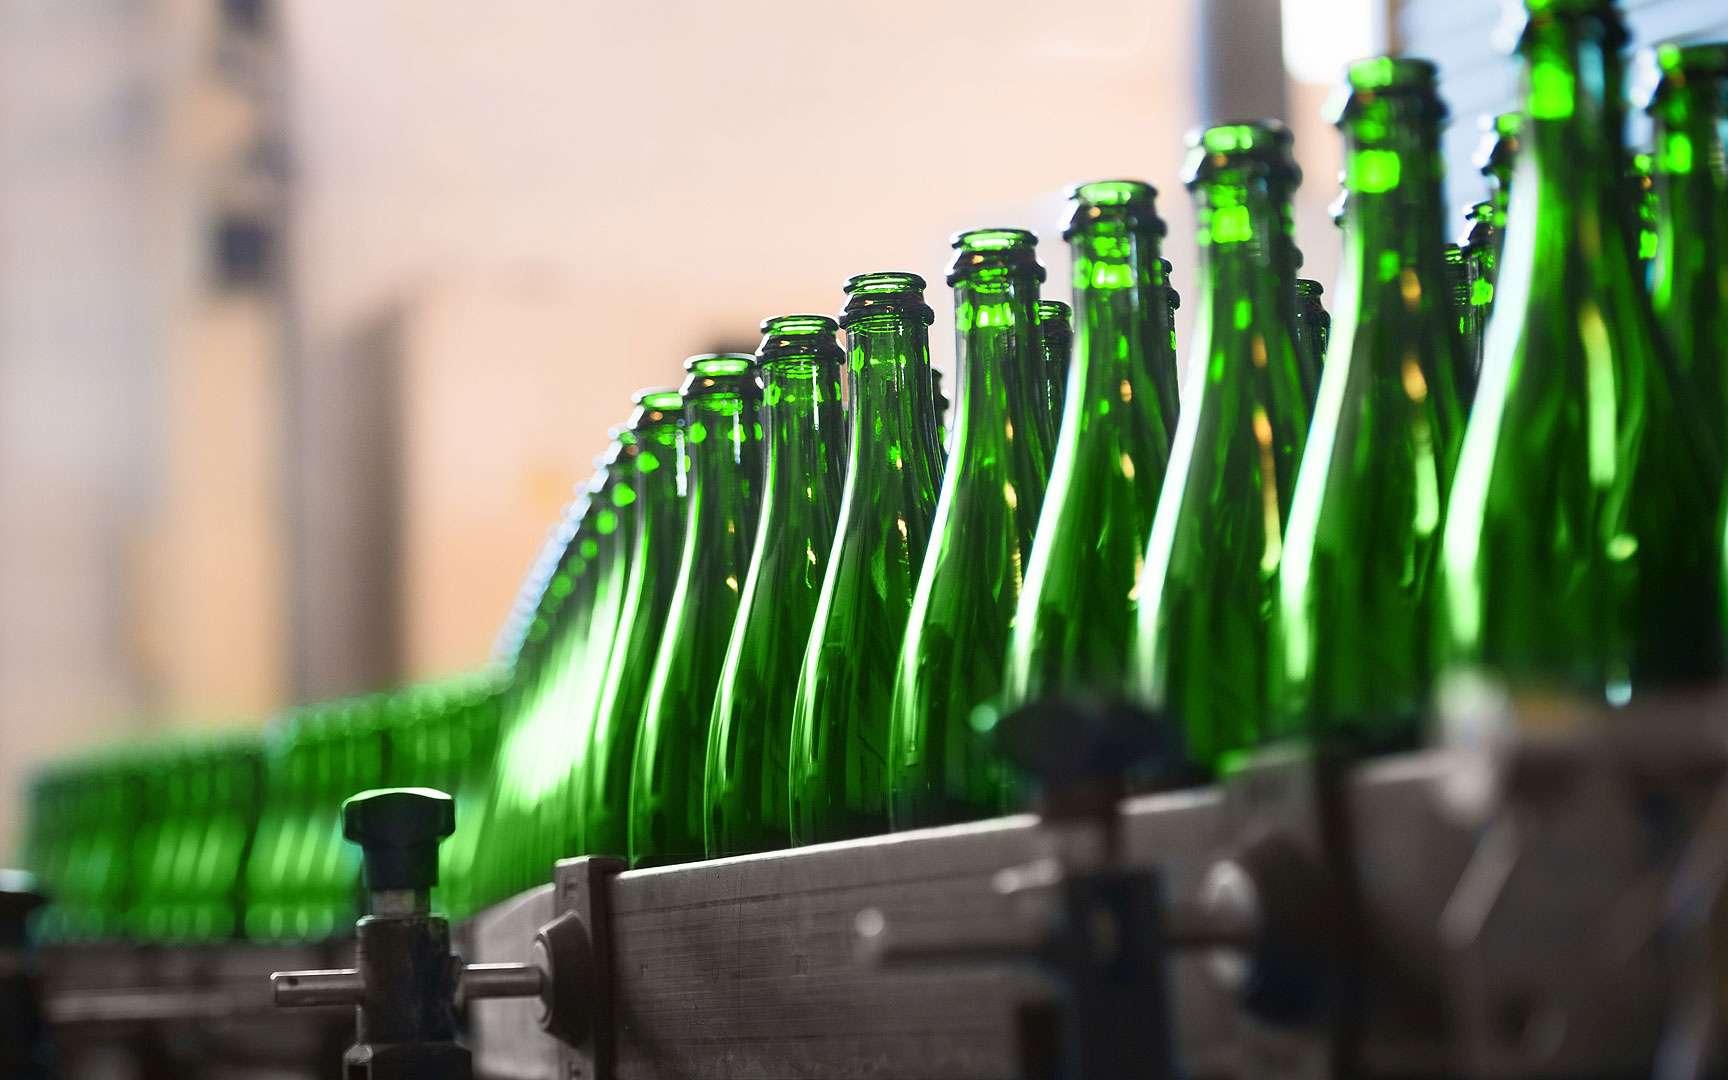 Bouteilles à la queue leu leu. Les bouteilles n'ont plus qu'à passer les contrôles et les tests de qualité et de sécurité. Les bouteilles défaillantes sont éliminées, parfois par lots, et repartent dans le cycle de recyclage © SvedOliver, Shutterstock